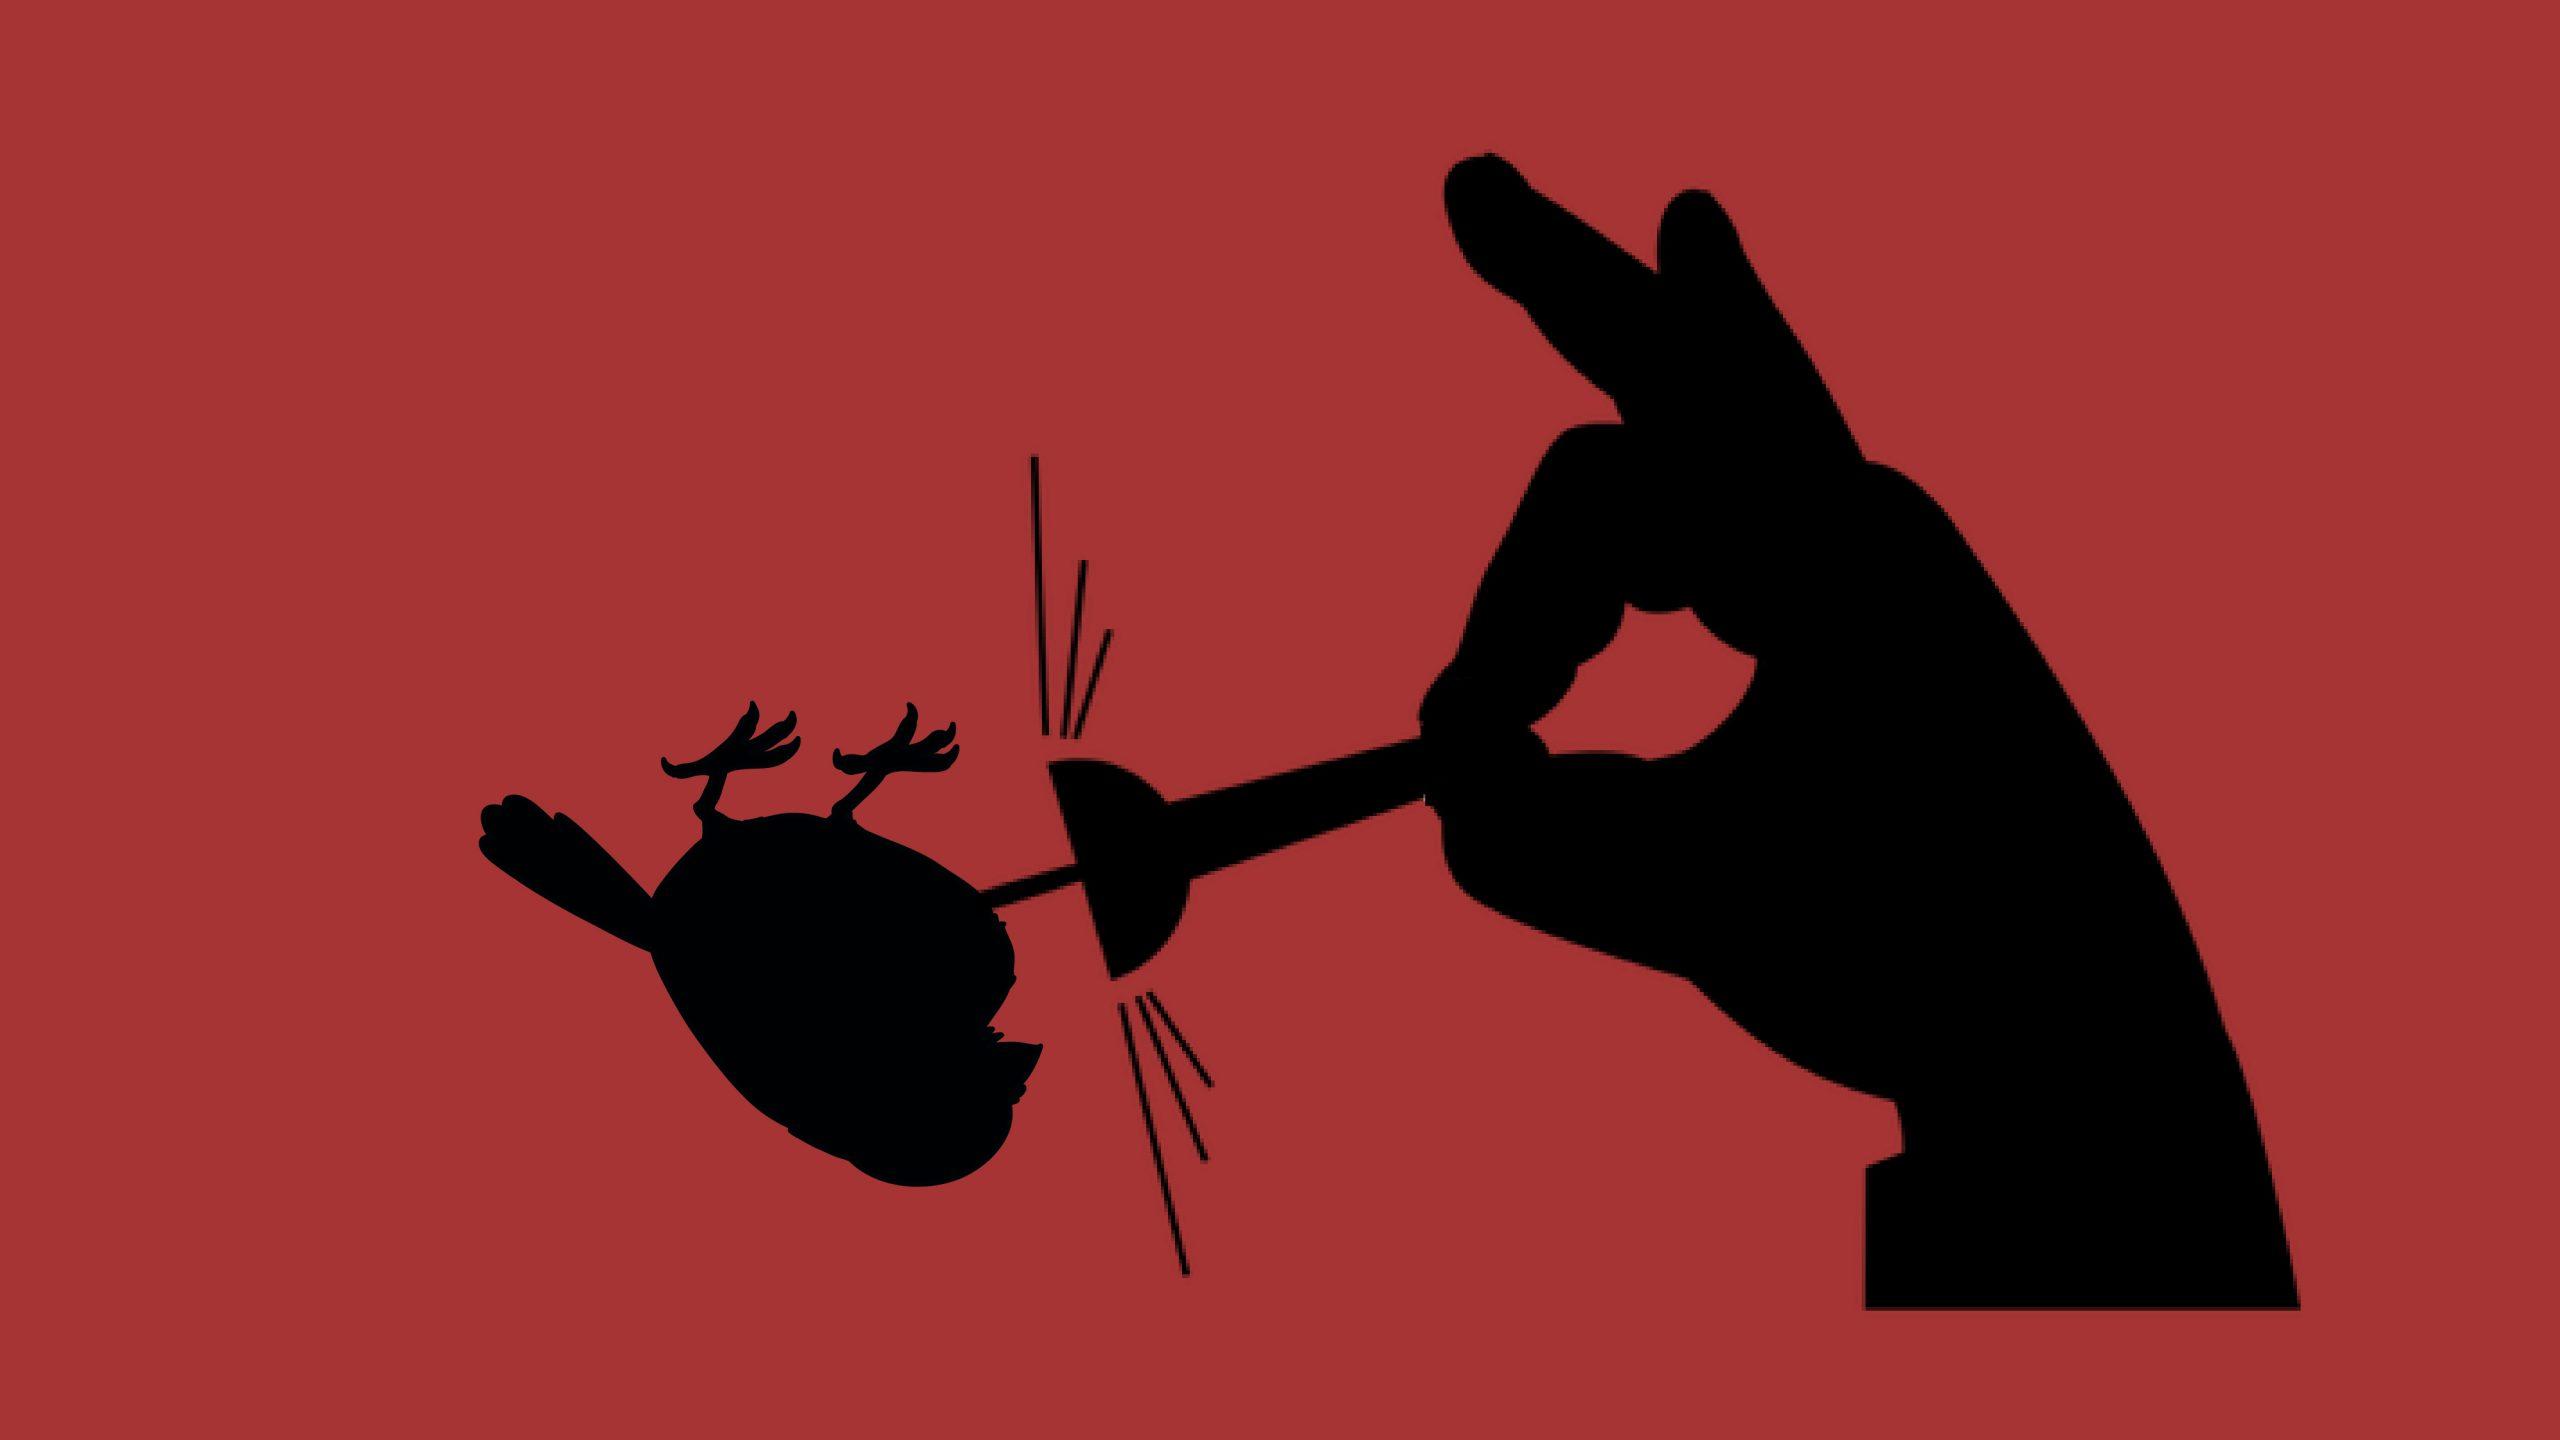 ¡Muerte al virus! ¡Muerte a los gorriones!, por Alejandro Armas